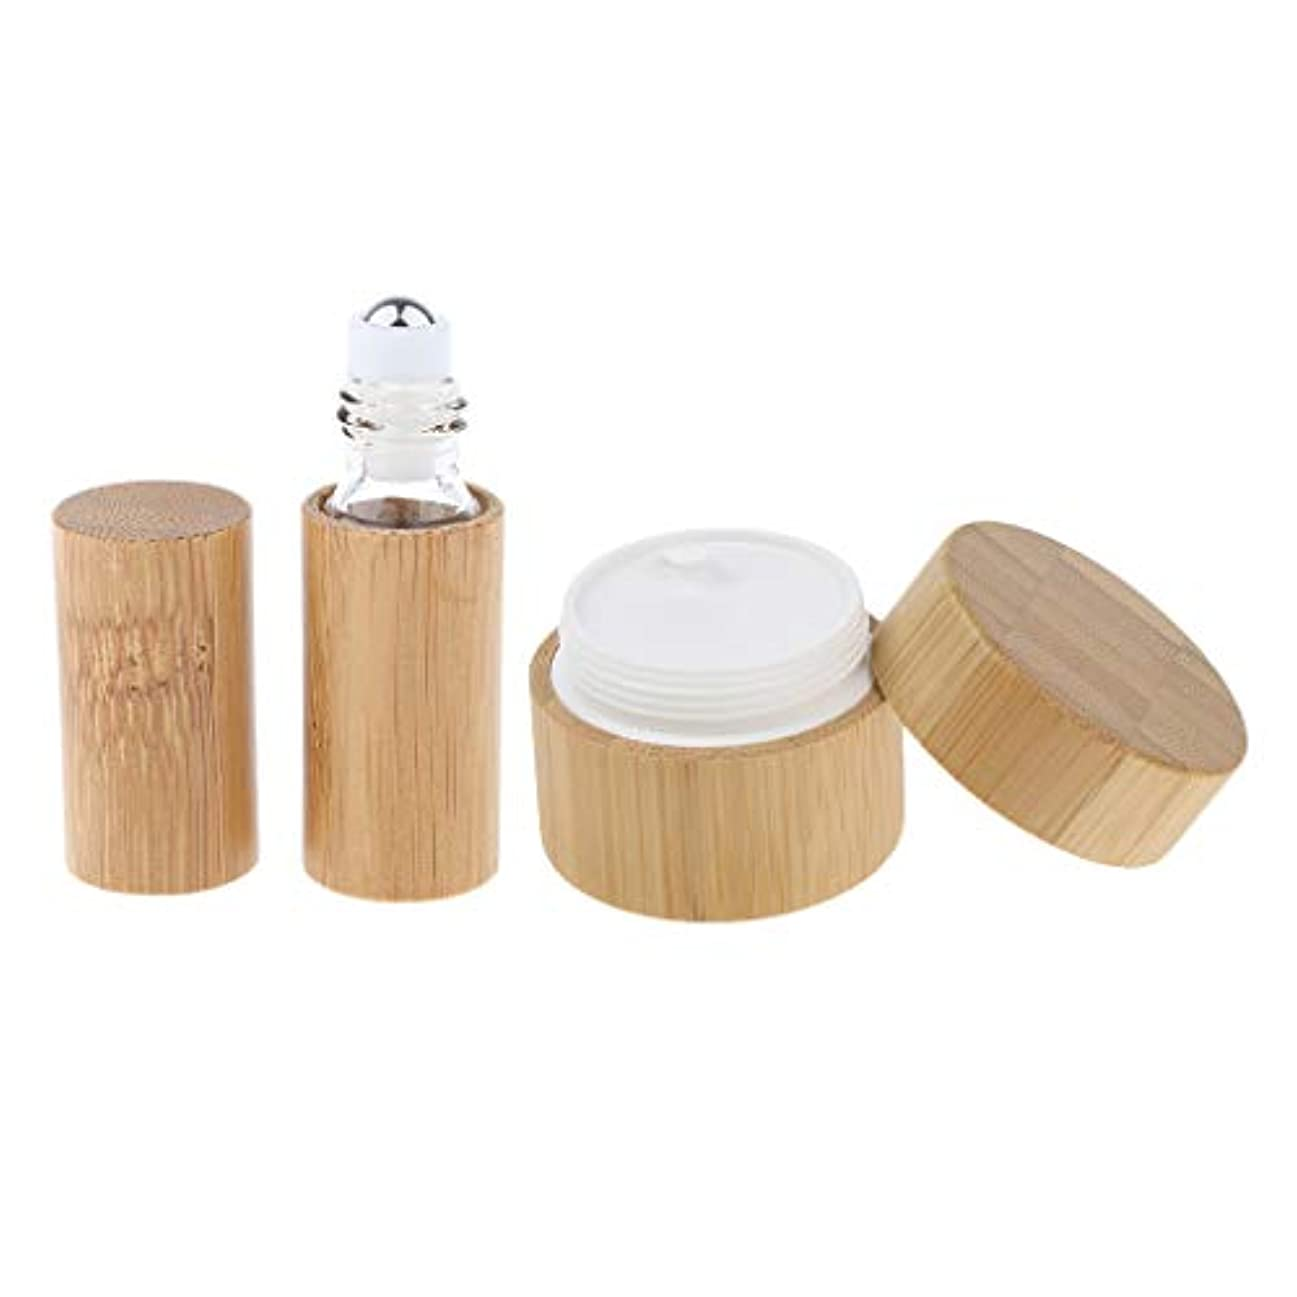 拍手報いる評論家2点 天然竹 リップ クリームケース ジャー 空ボトル 小分け 容器 詰め替え 旅行用